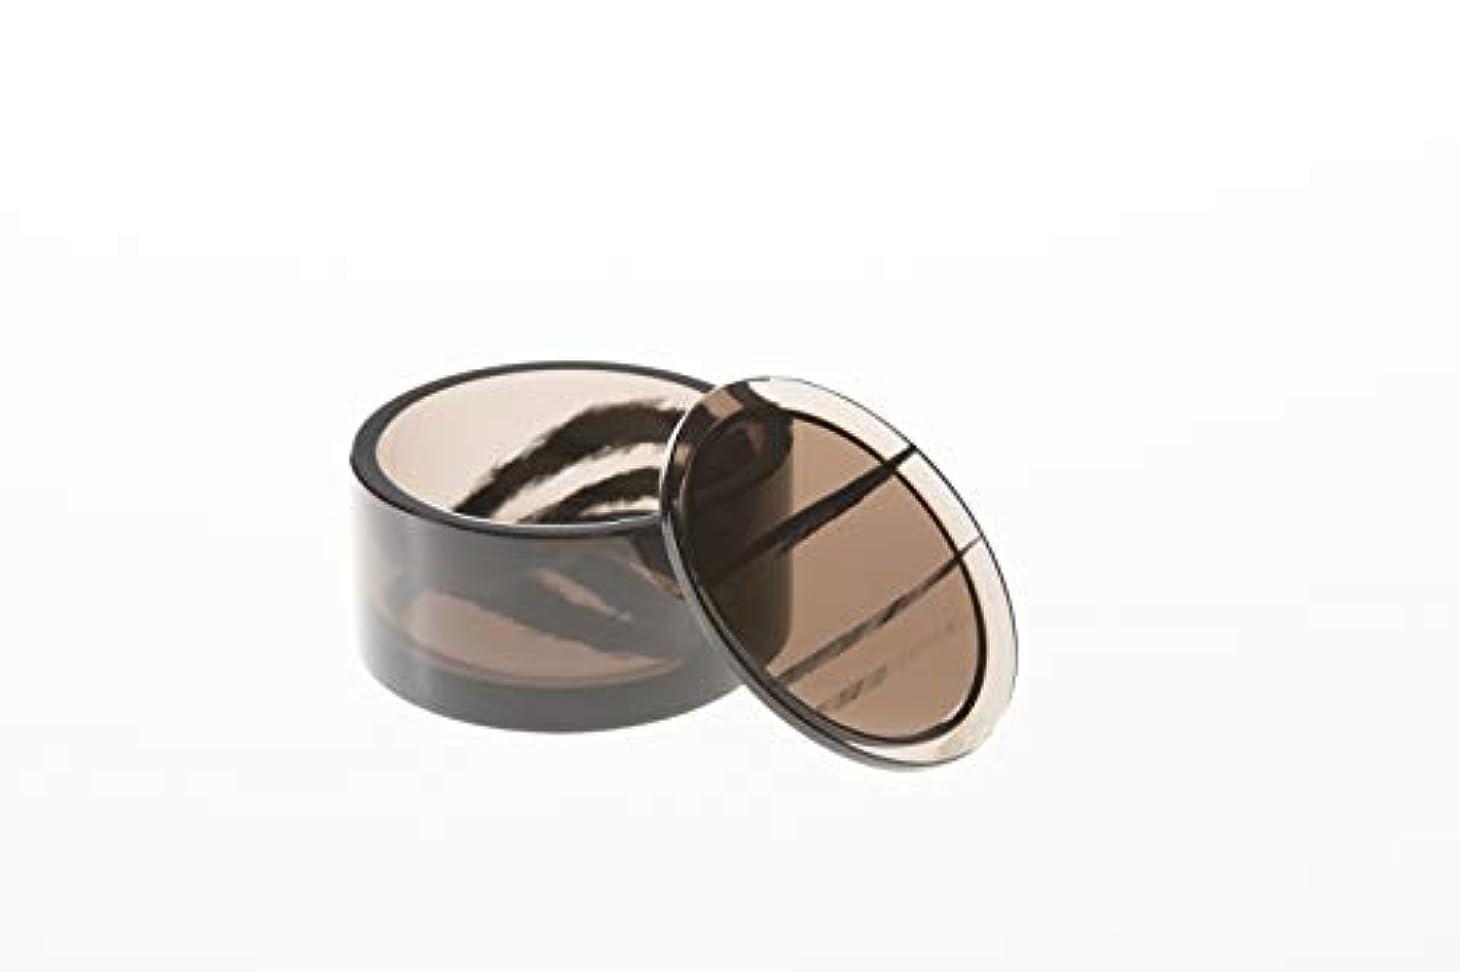 それによってケージボリューム【透ける黒曜石のお香入れ】 -Anna- (アンナ) 宝石職人がつくった天然石のお香入れ フランス製 250g